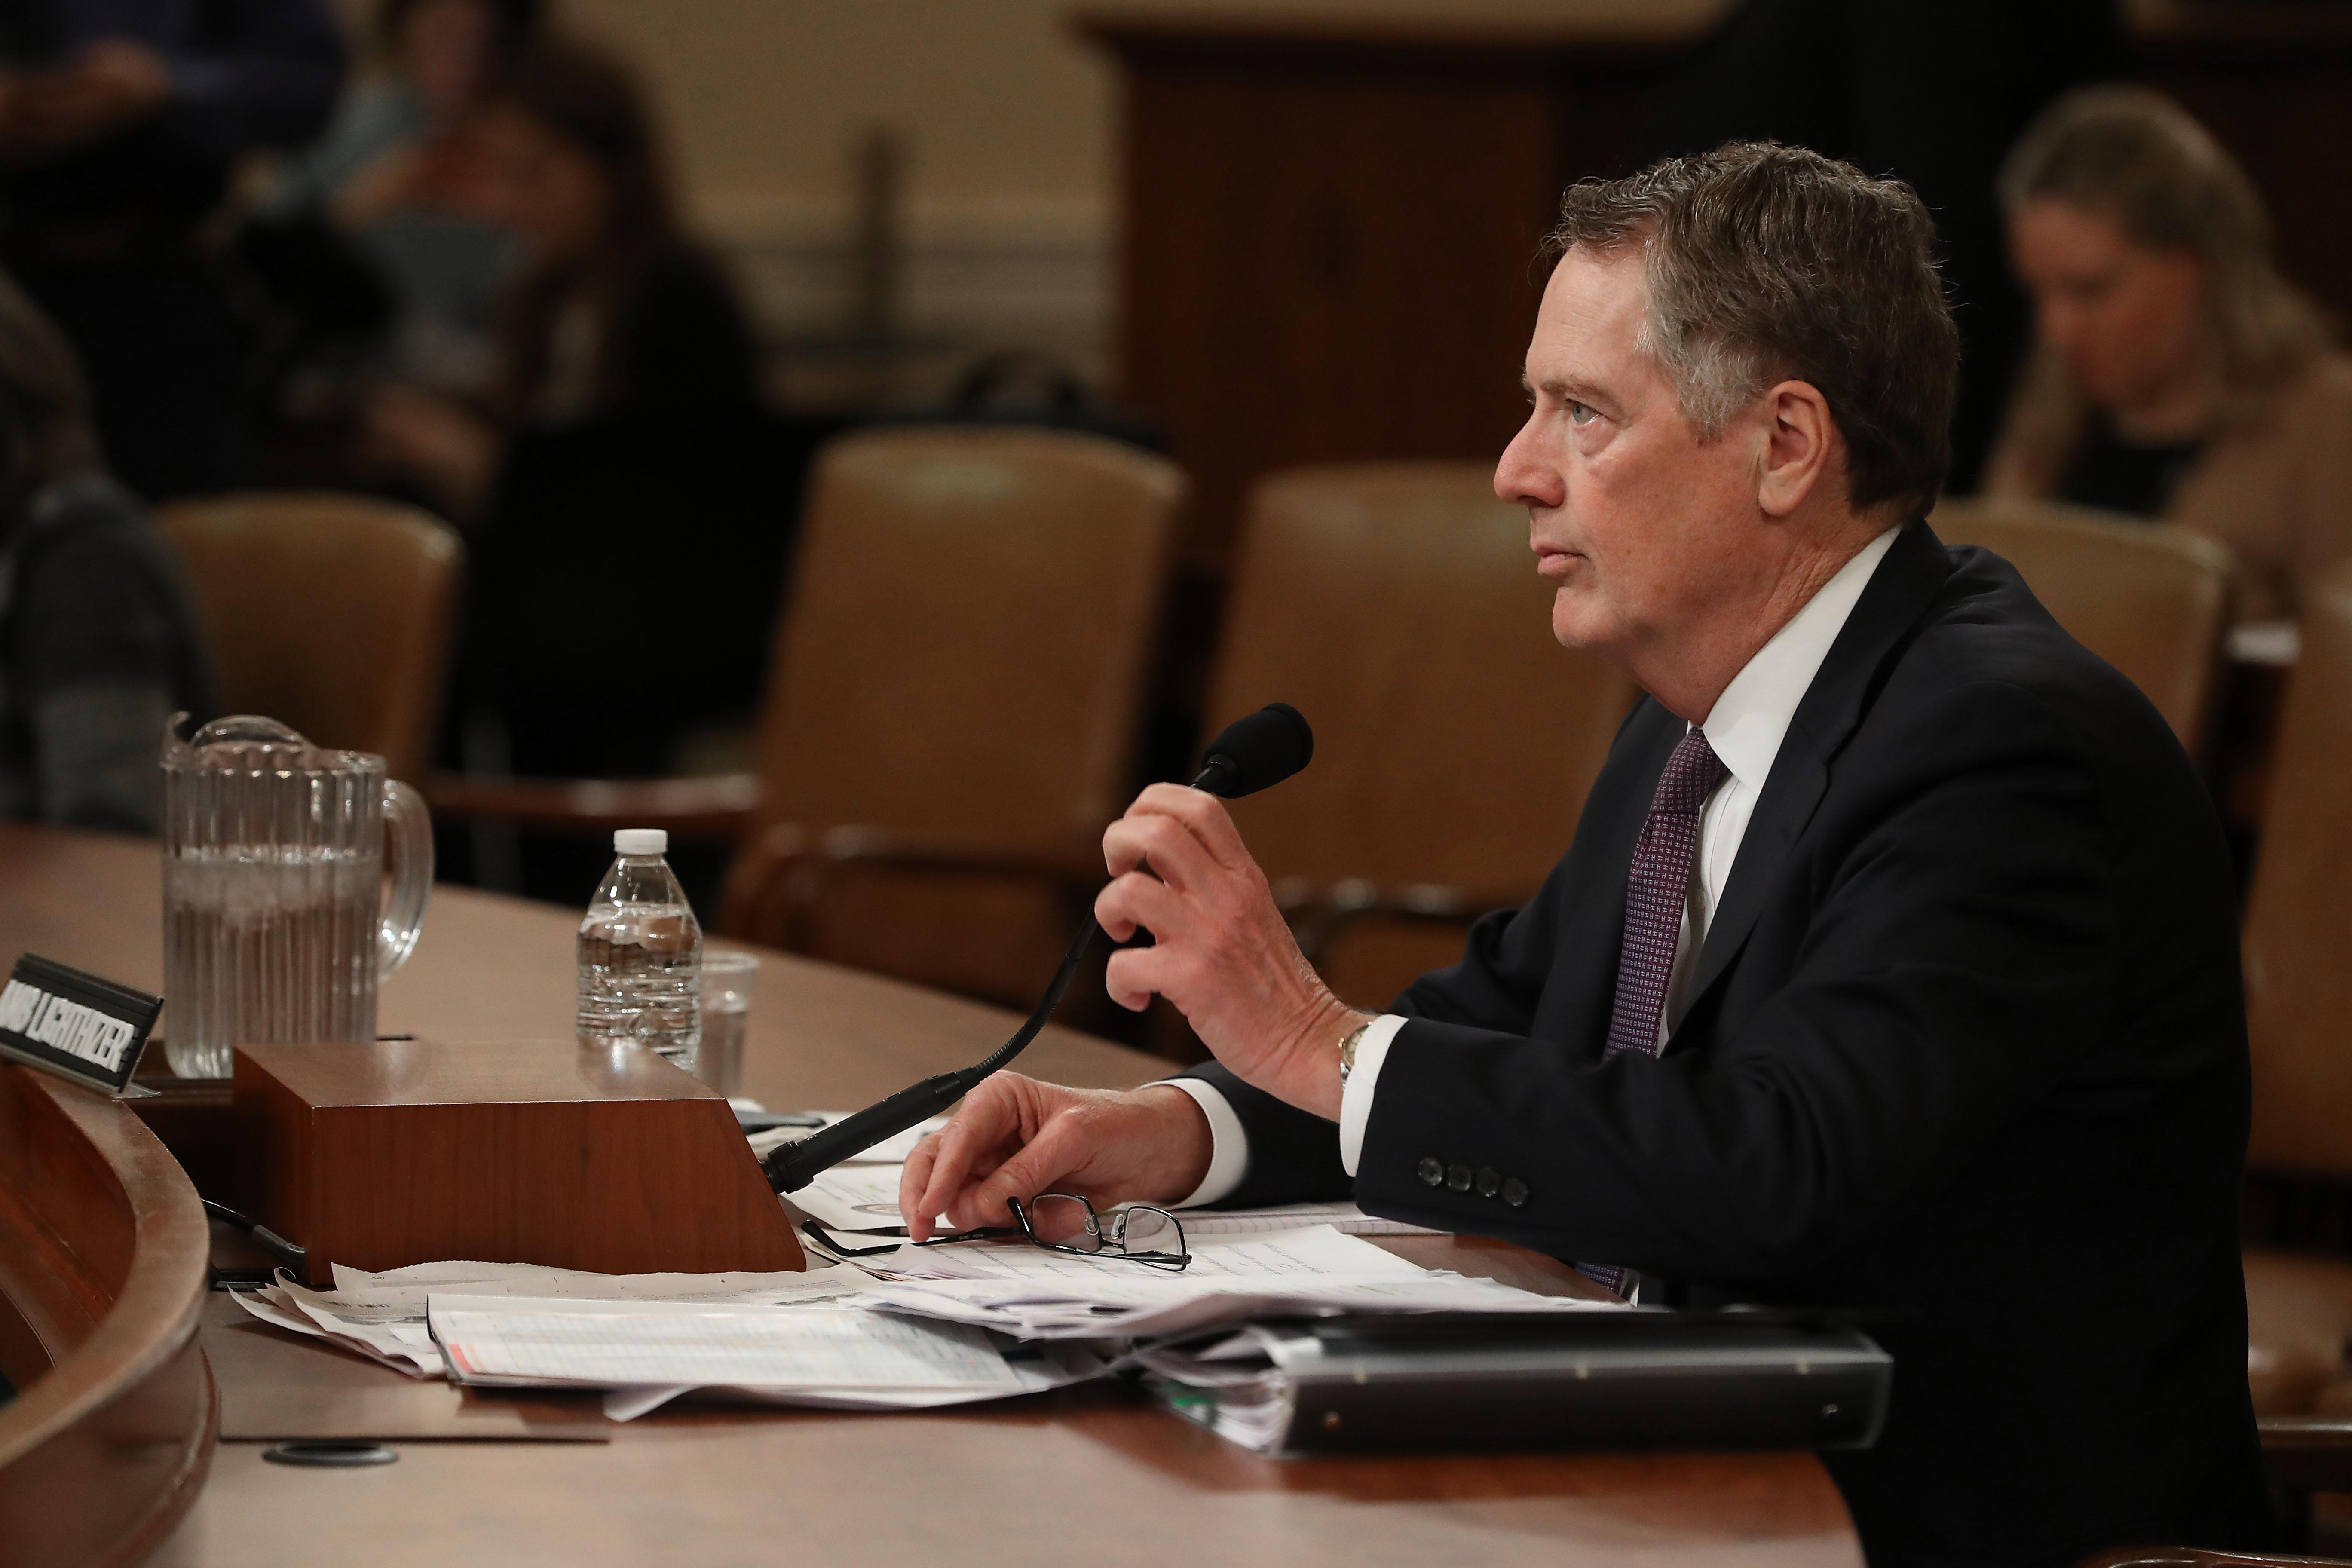 中美談判 萊特希澤透露進程和協議部分內容